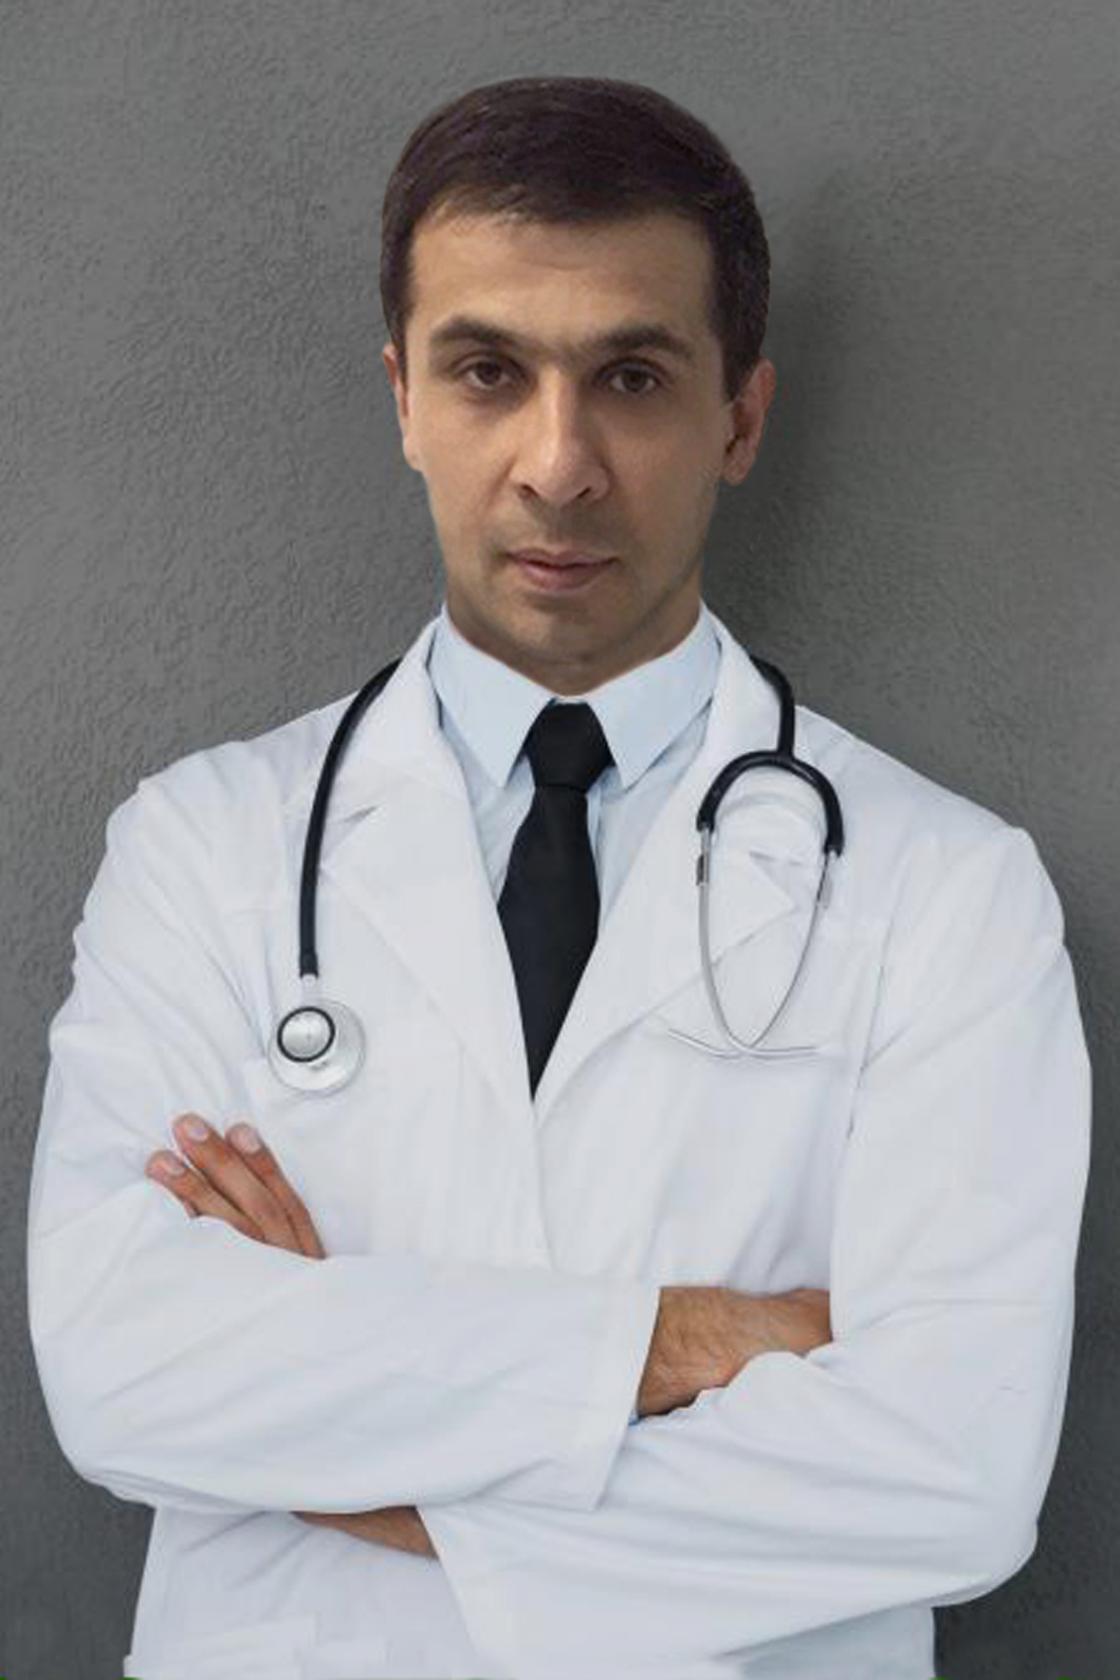 Биналиев Илимдар Олимович - детский хирург. Врач 2 - й квалификационной категории